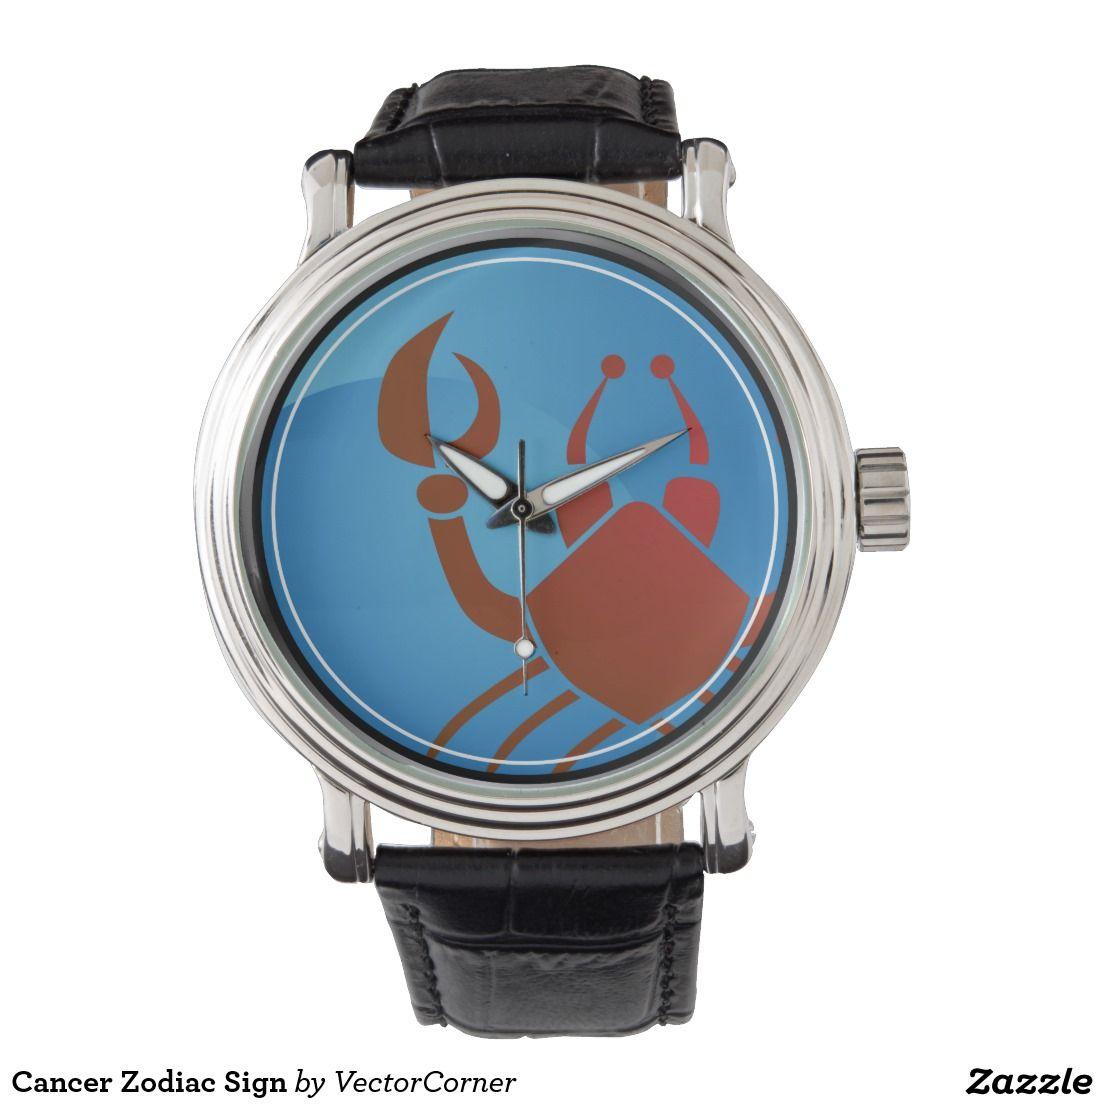 Cancer Zodiac Sign Wrist Watch